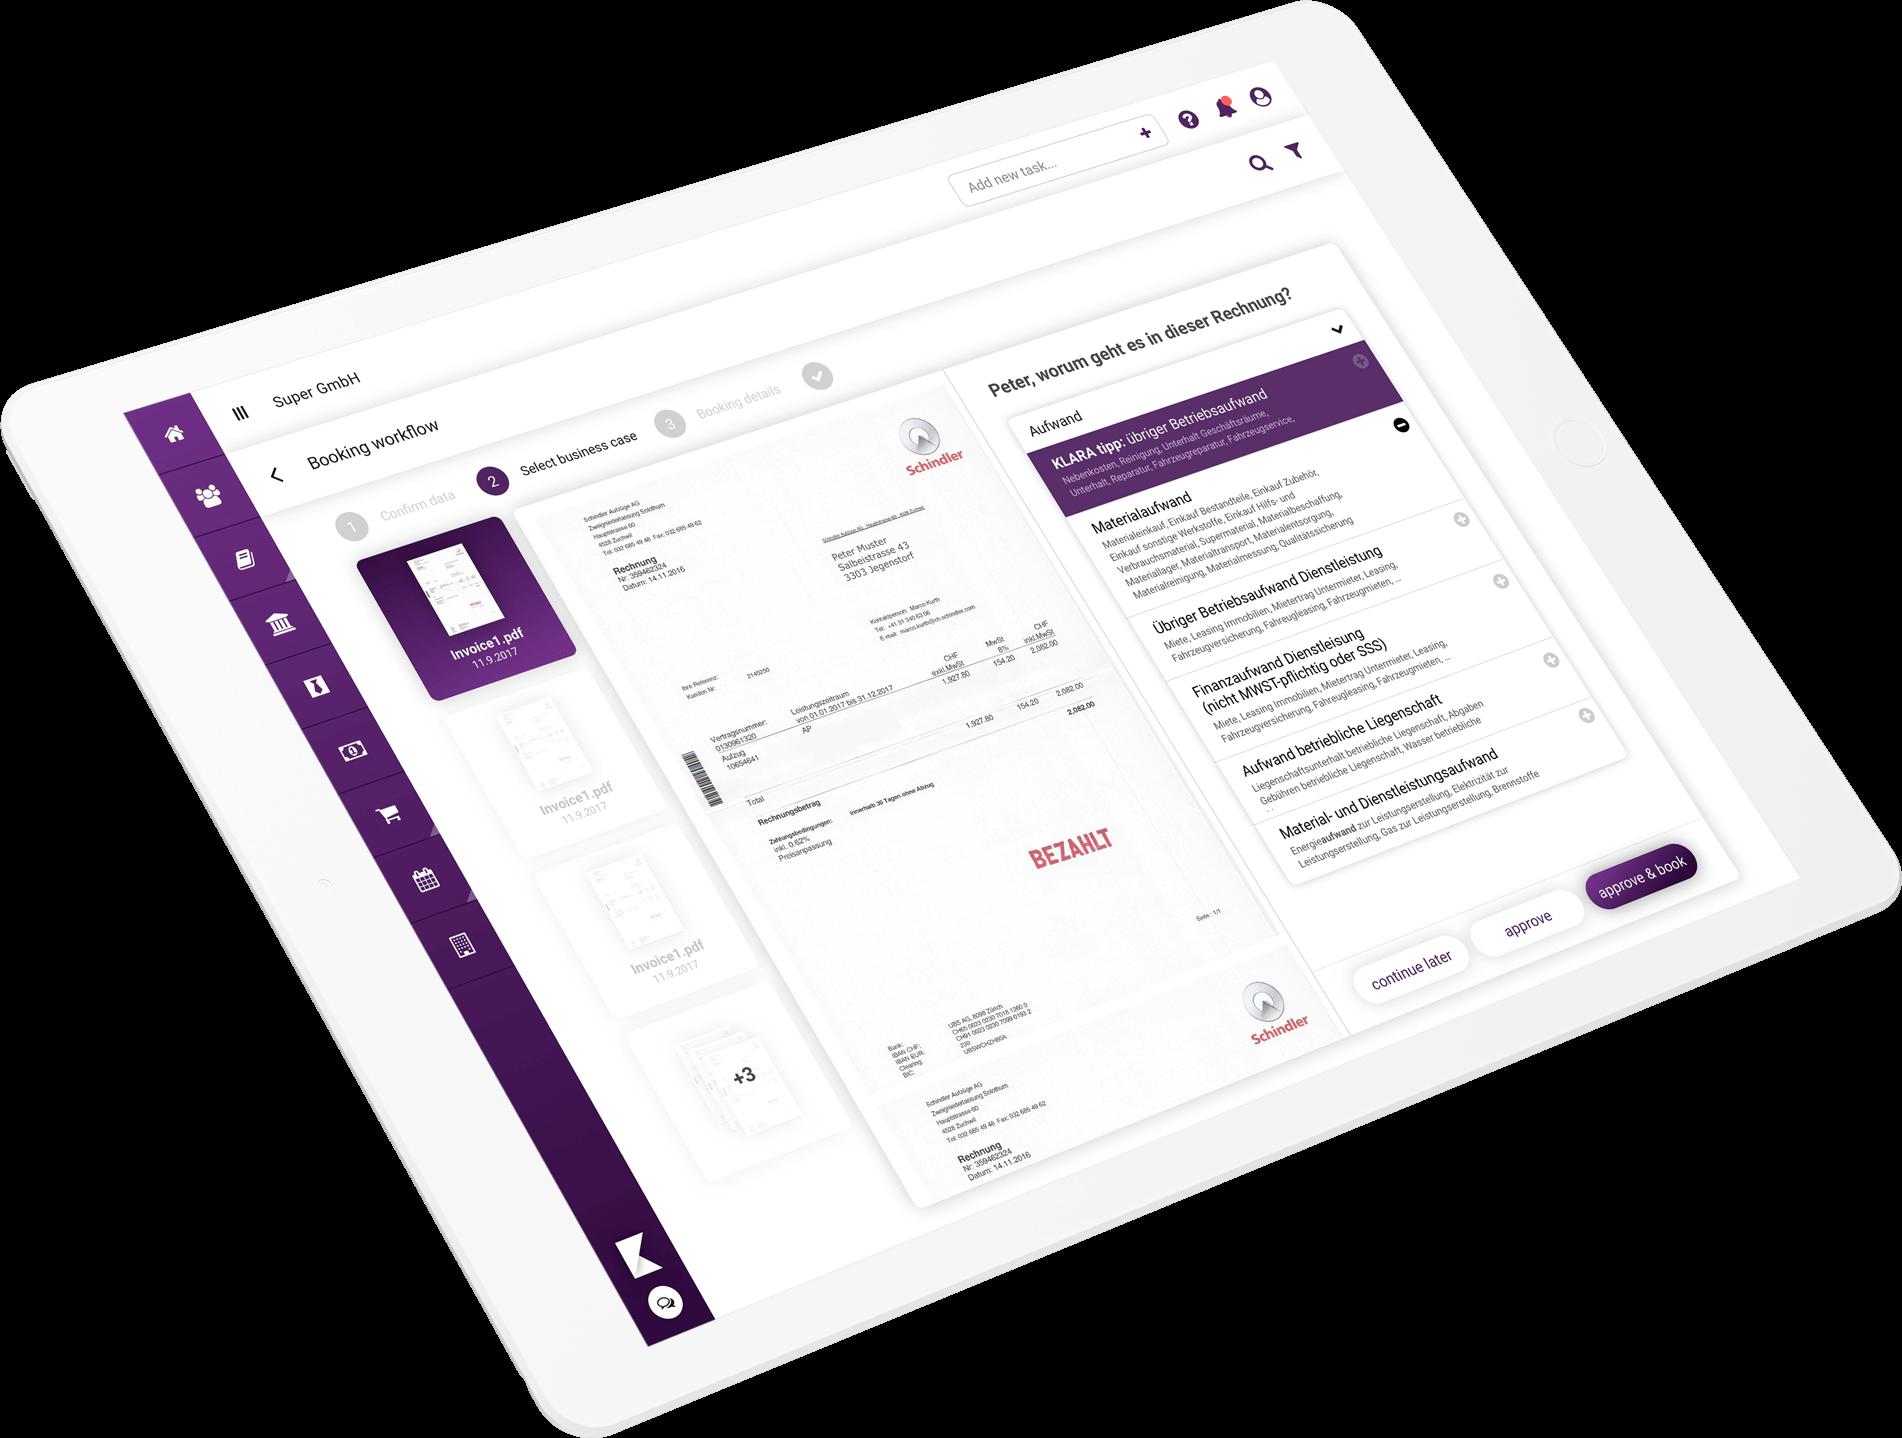 klara-website-large-device-ipad-buchhaltung-rechnung-bezahlen